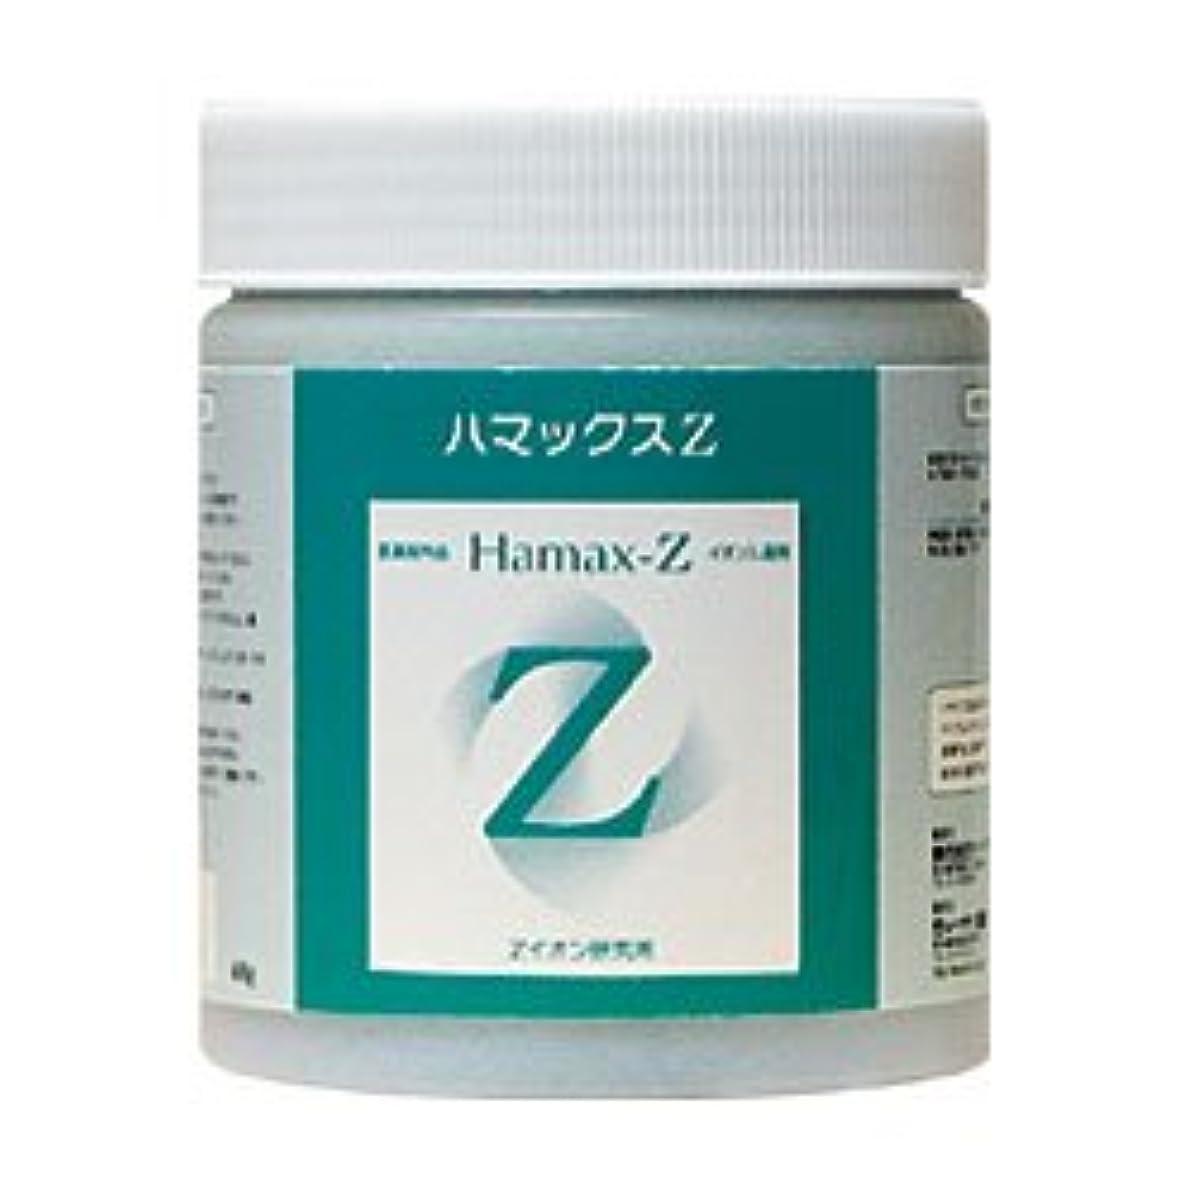 満足倫理財布医薬部外品 イオン入湯剤ハマックスZ 400g